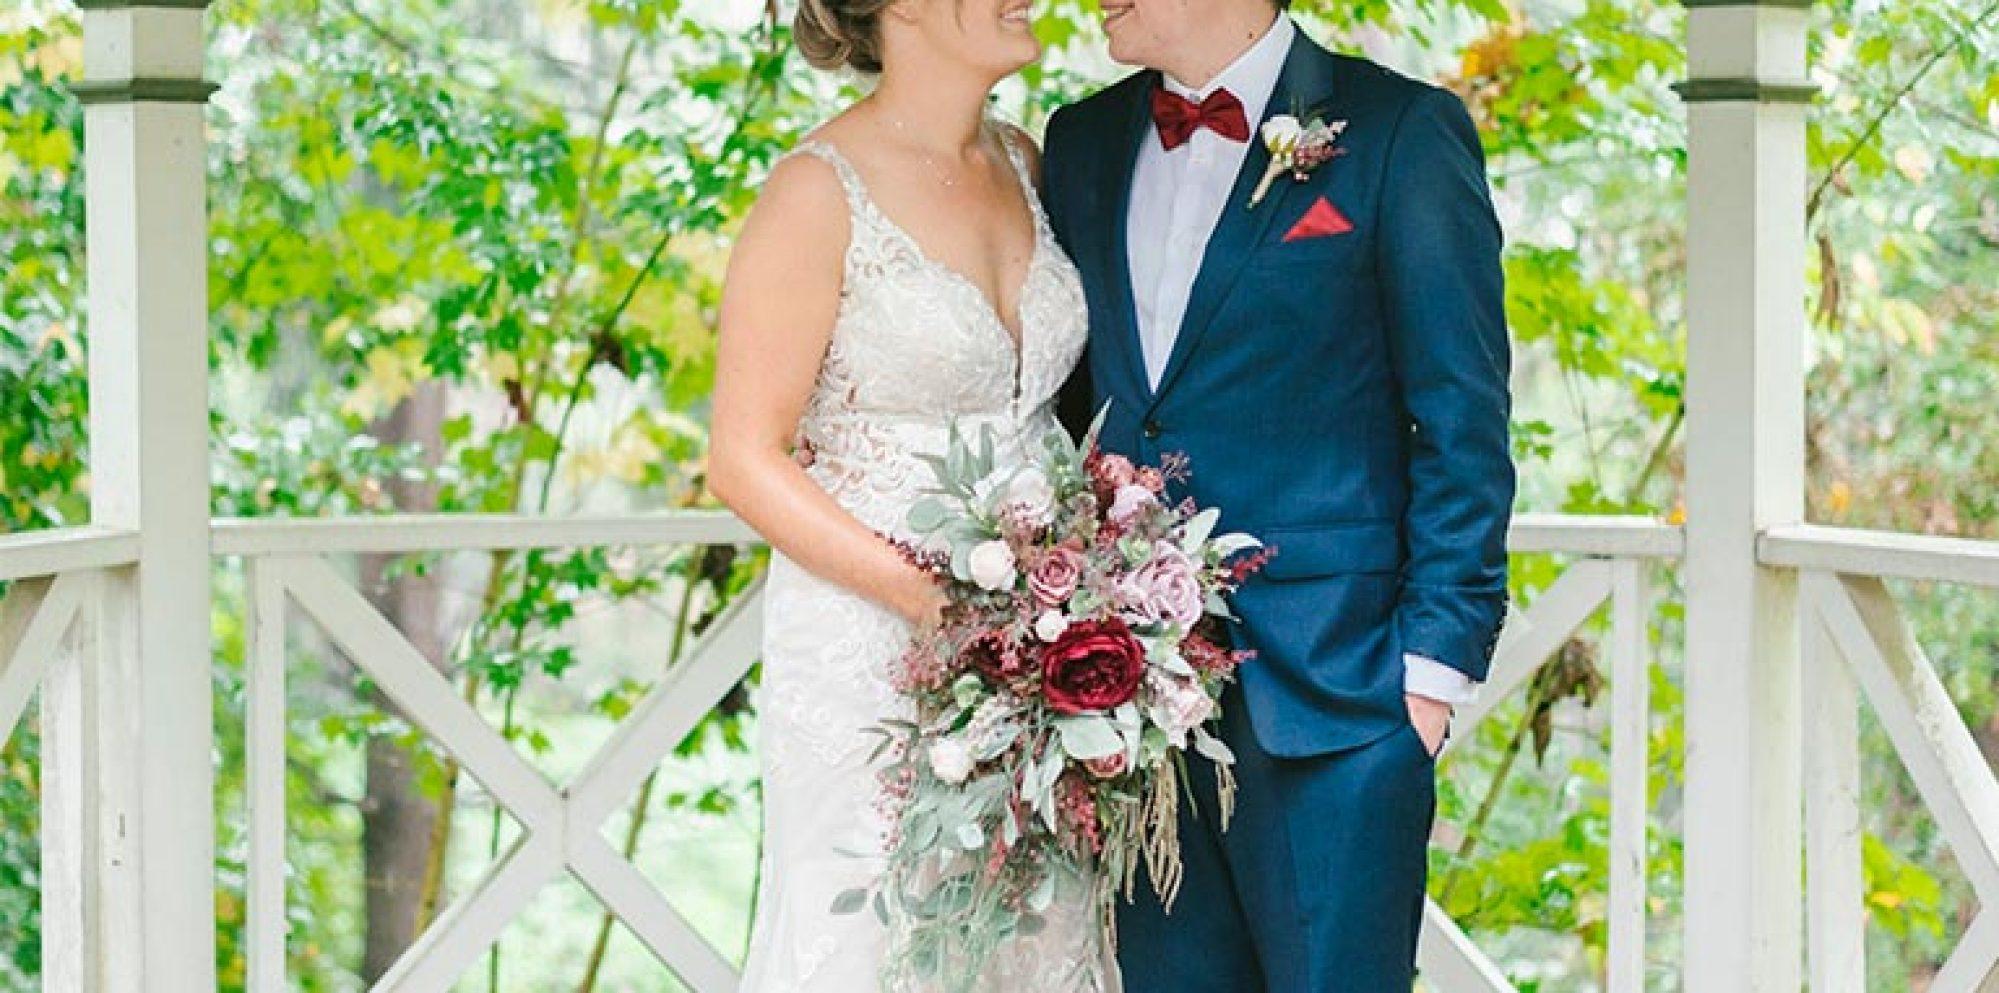 Emily & sam melbourne wedding videography @ chateau wyuna